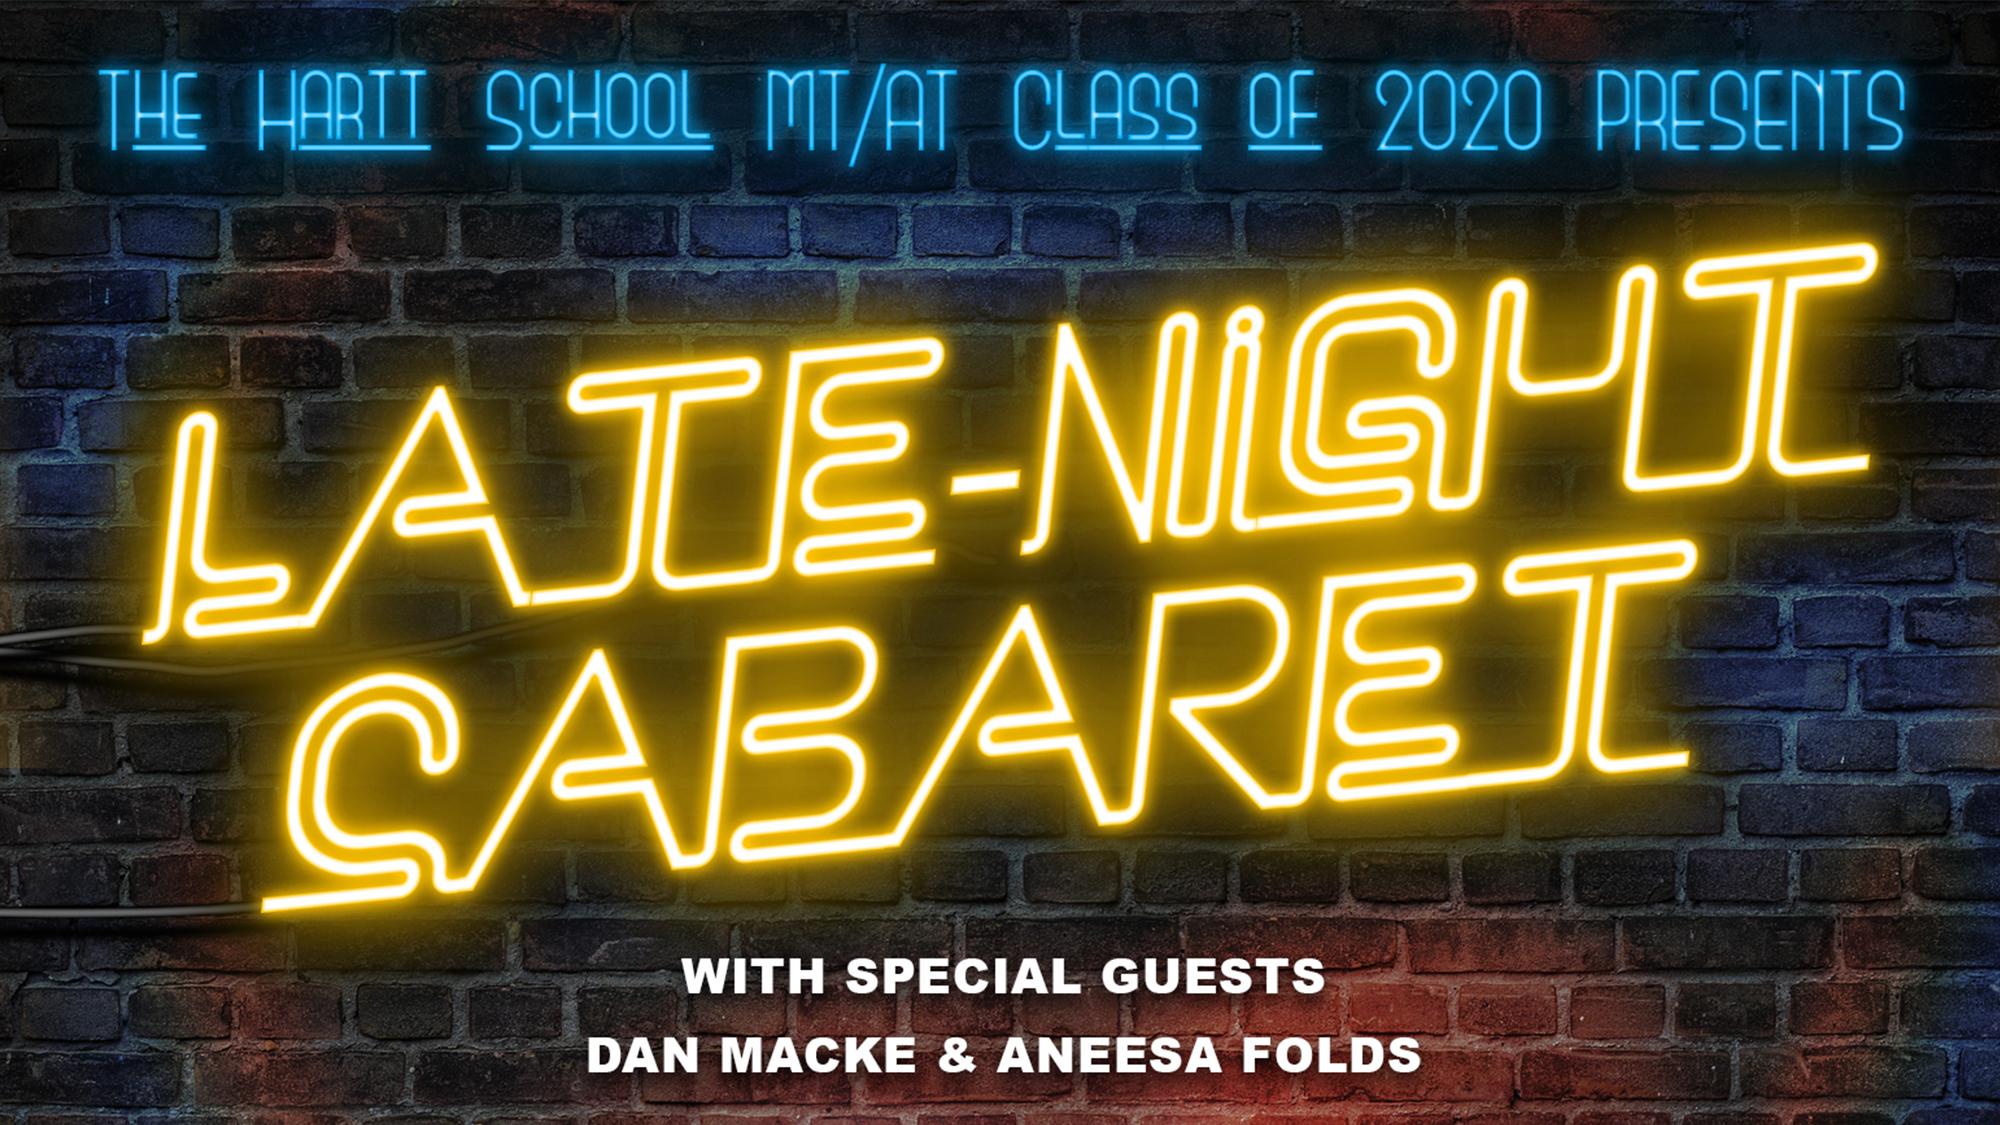 The Hartt School BFA MT/AT Class of 2020